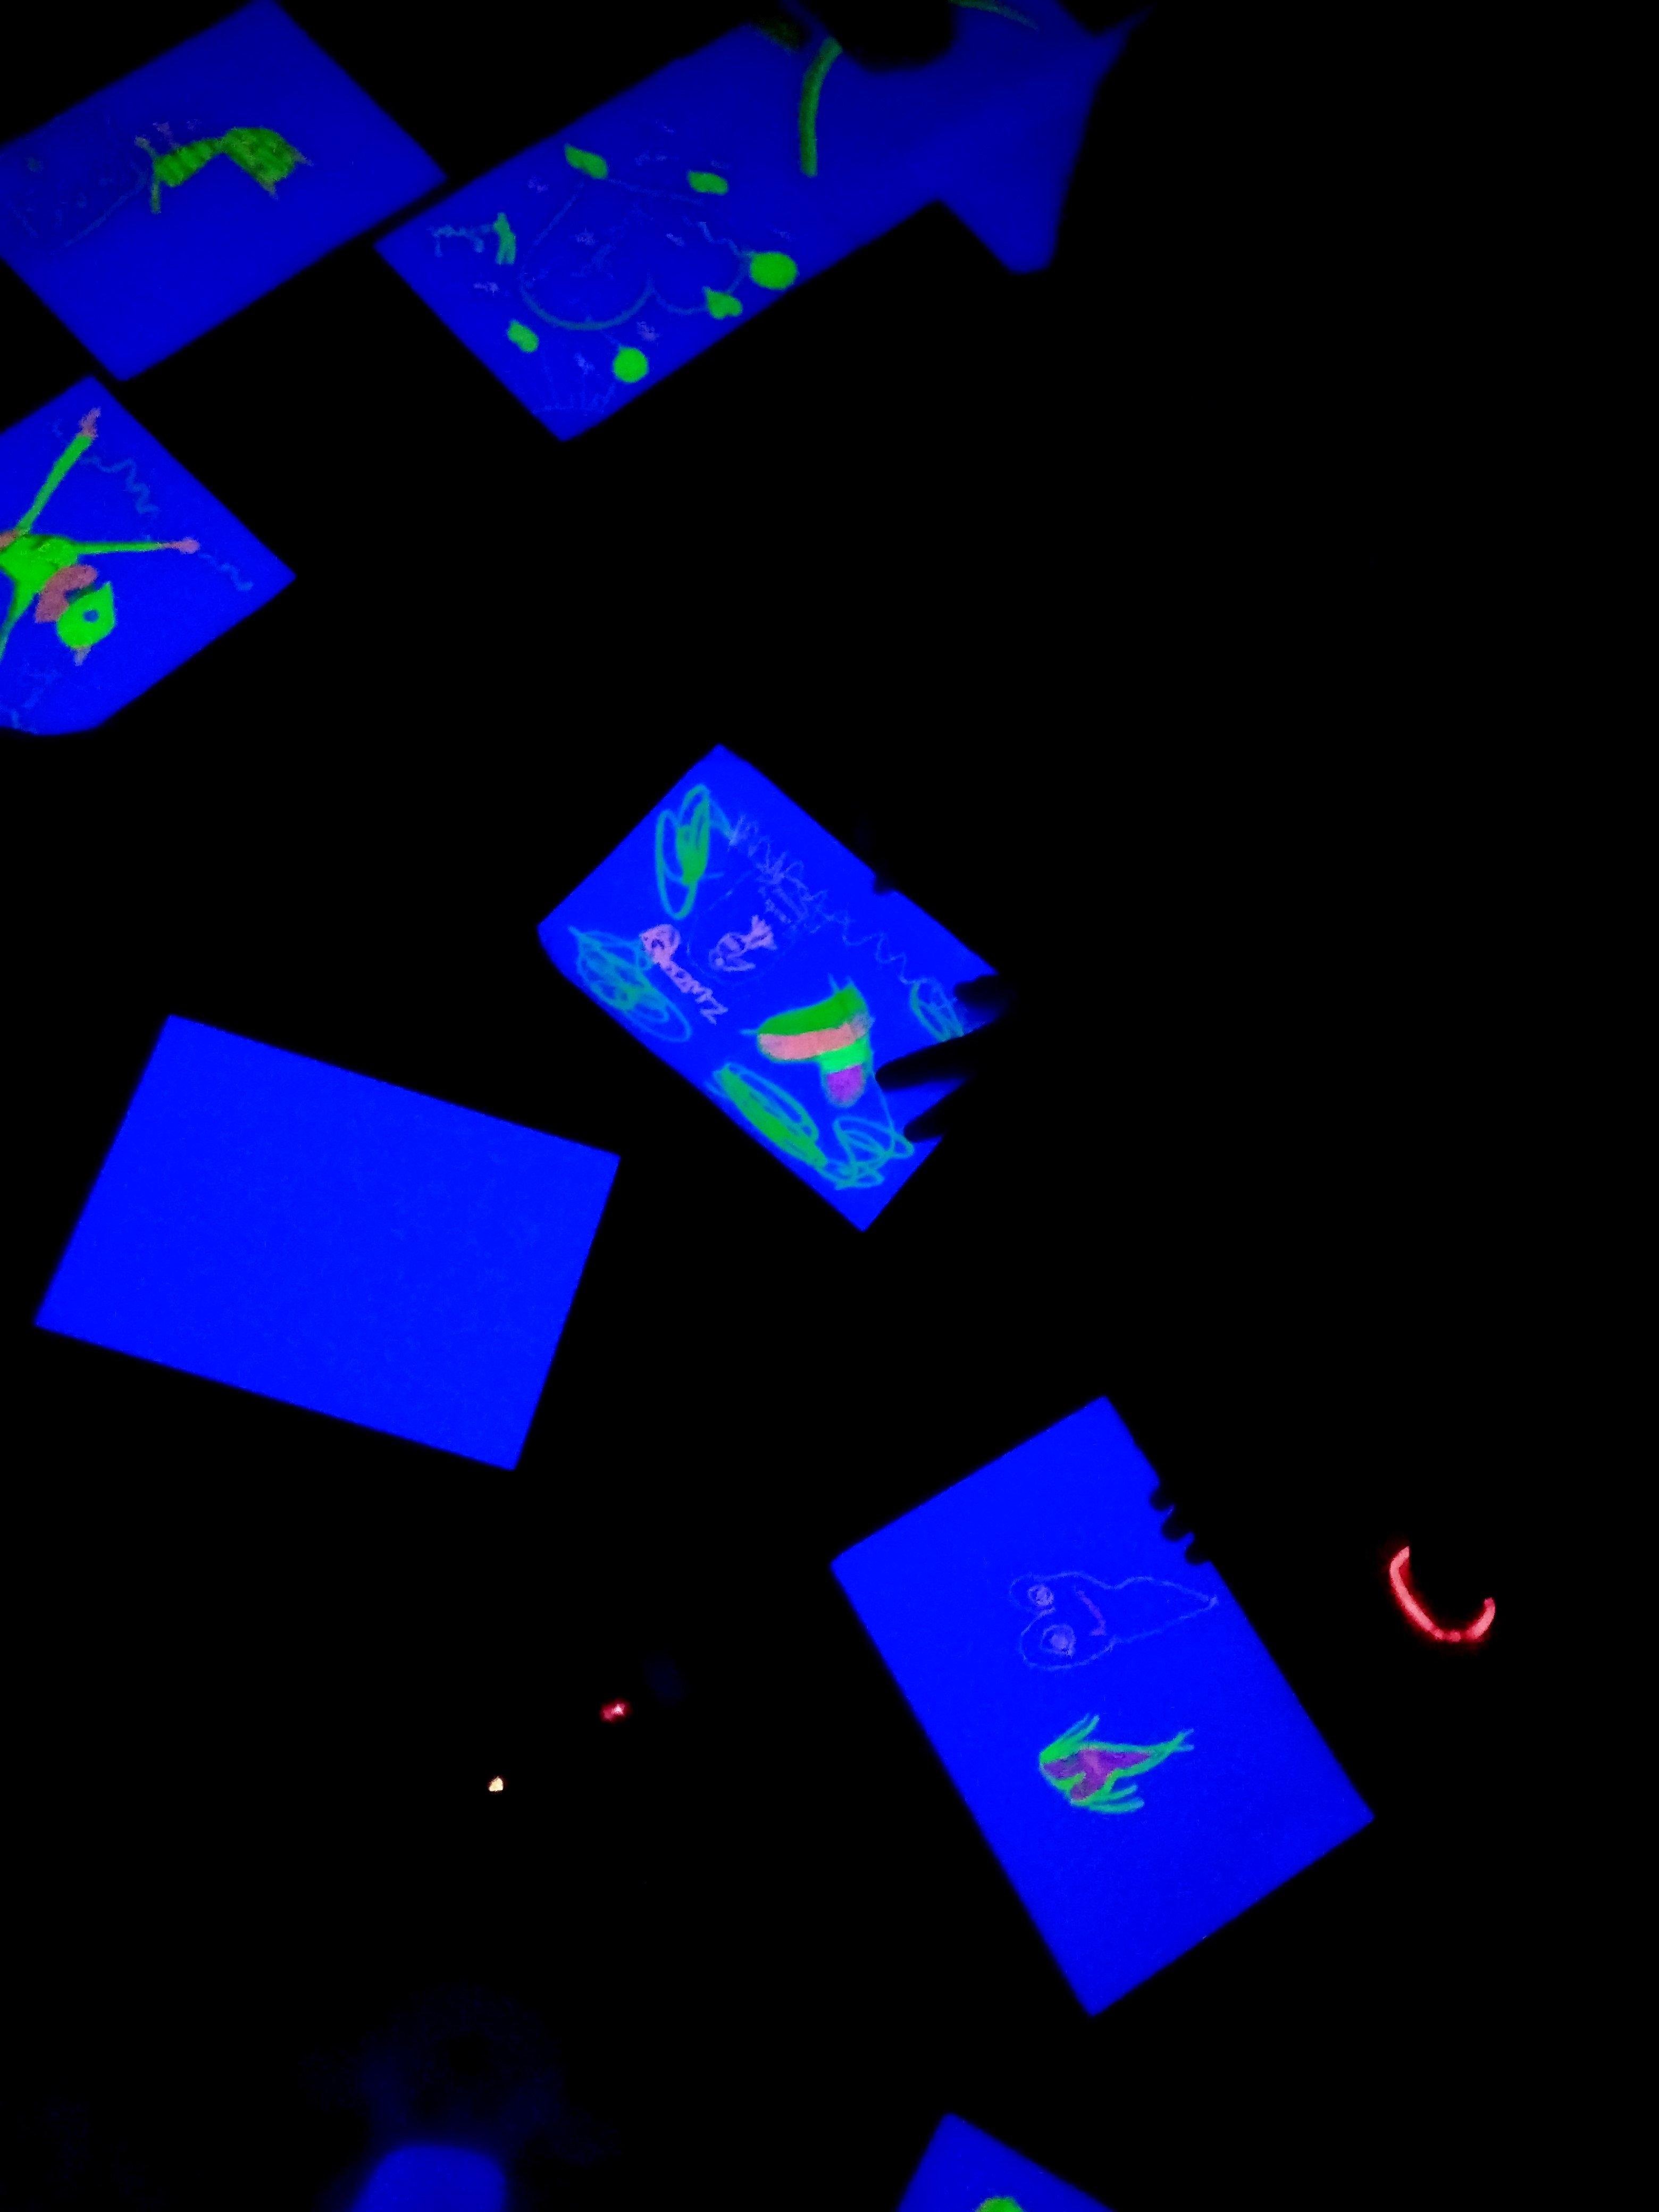 Warsztaty fluorescencyjne